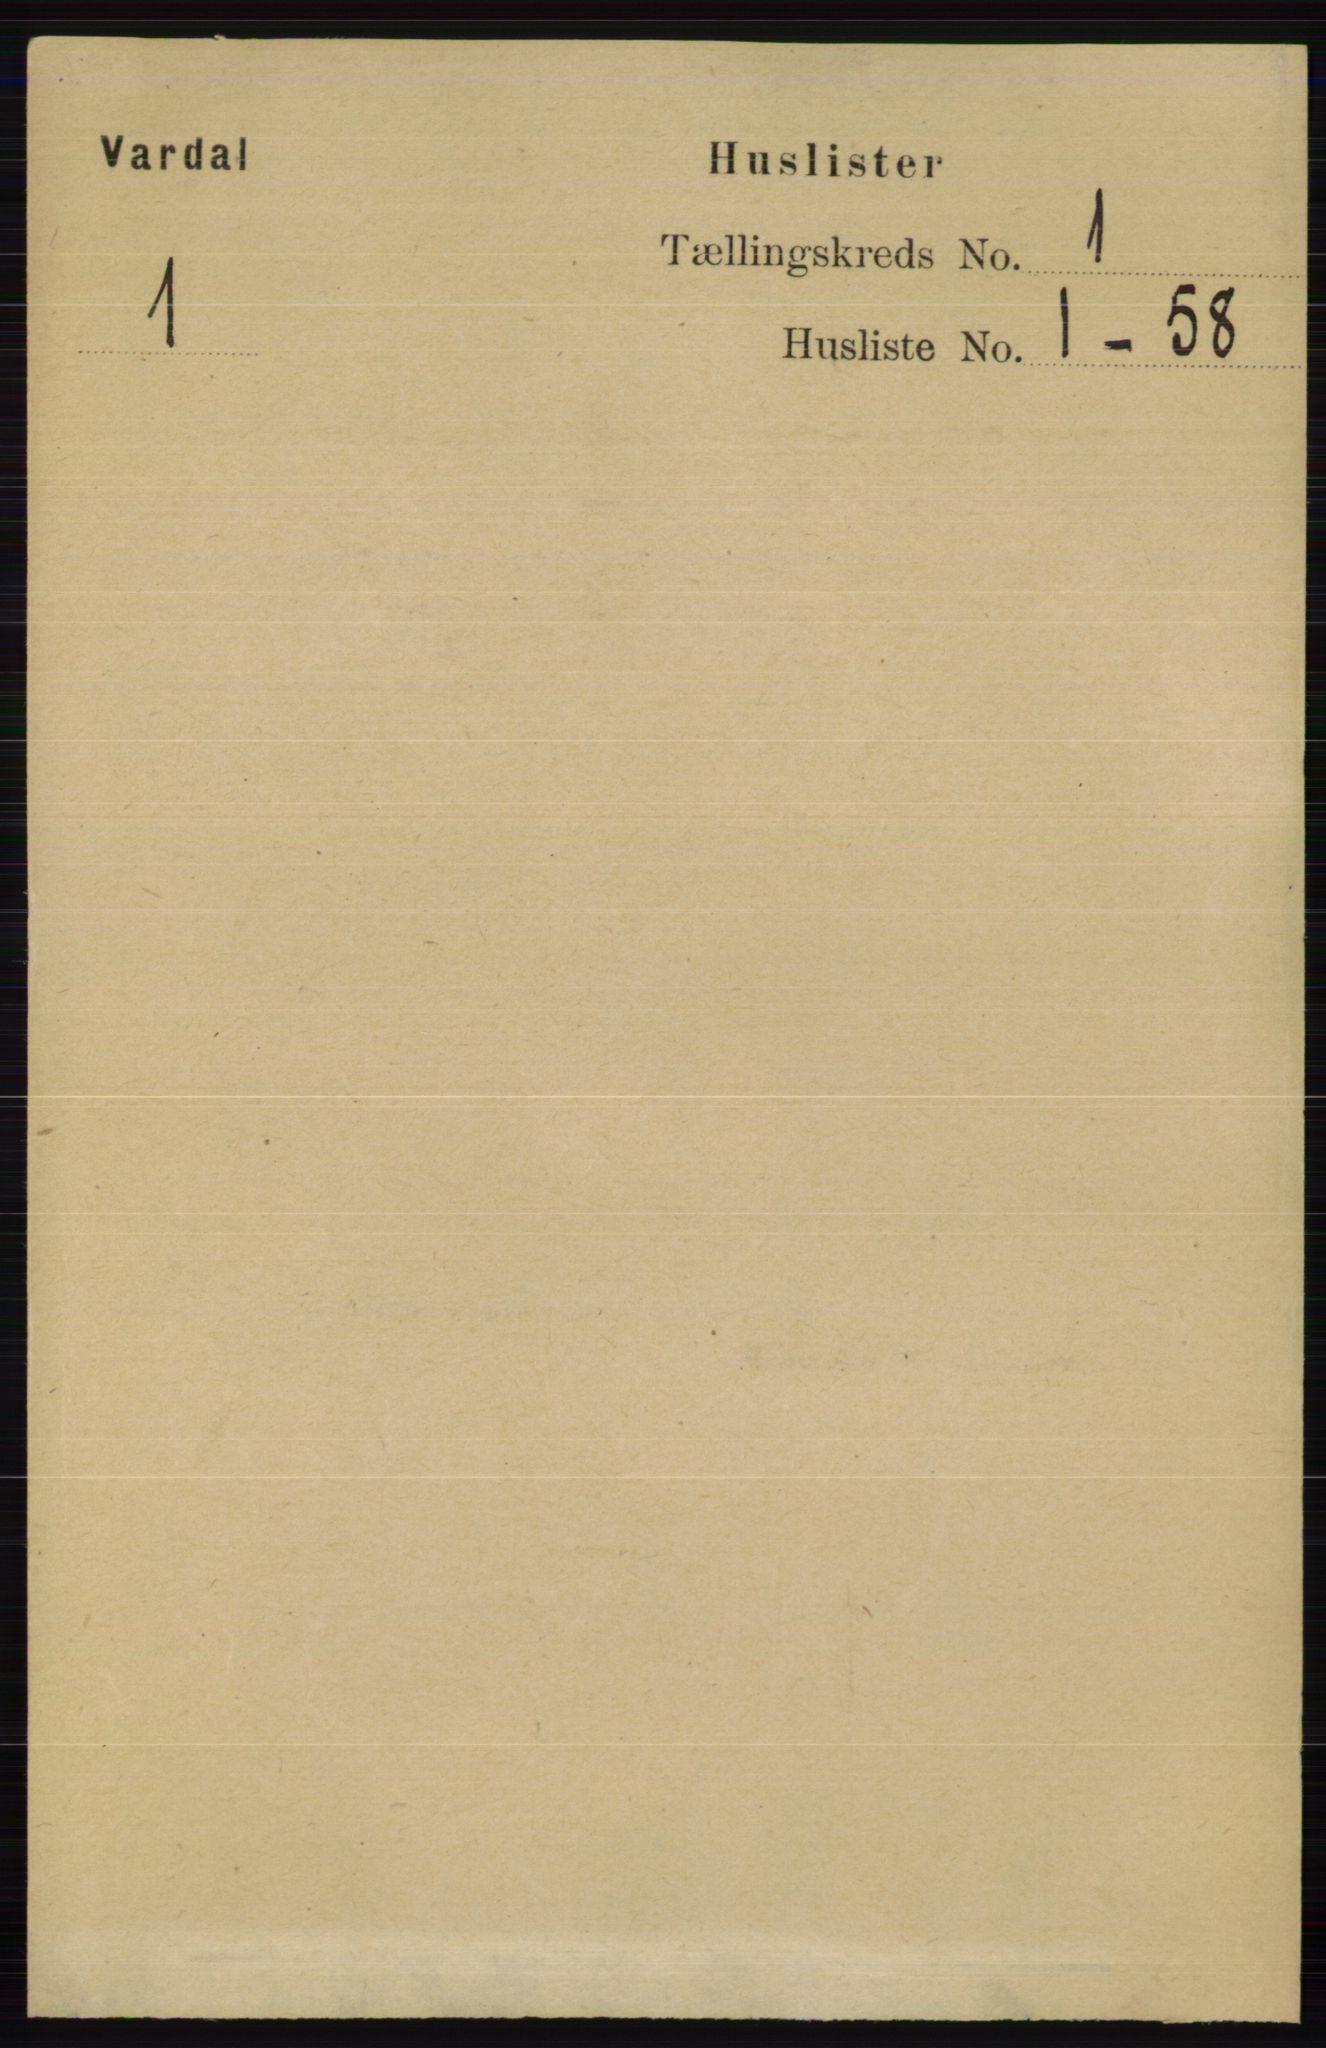 RA, Folketelling 1891 for 0527 Vardal herred, 1891, s. 24